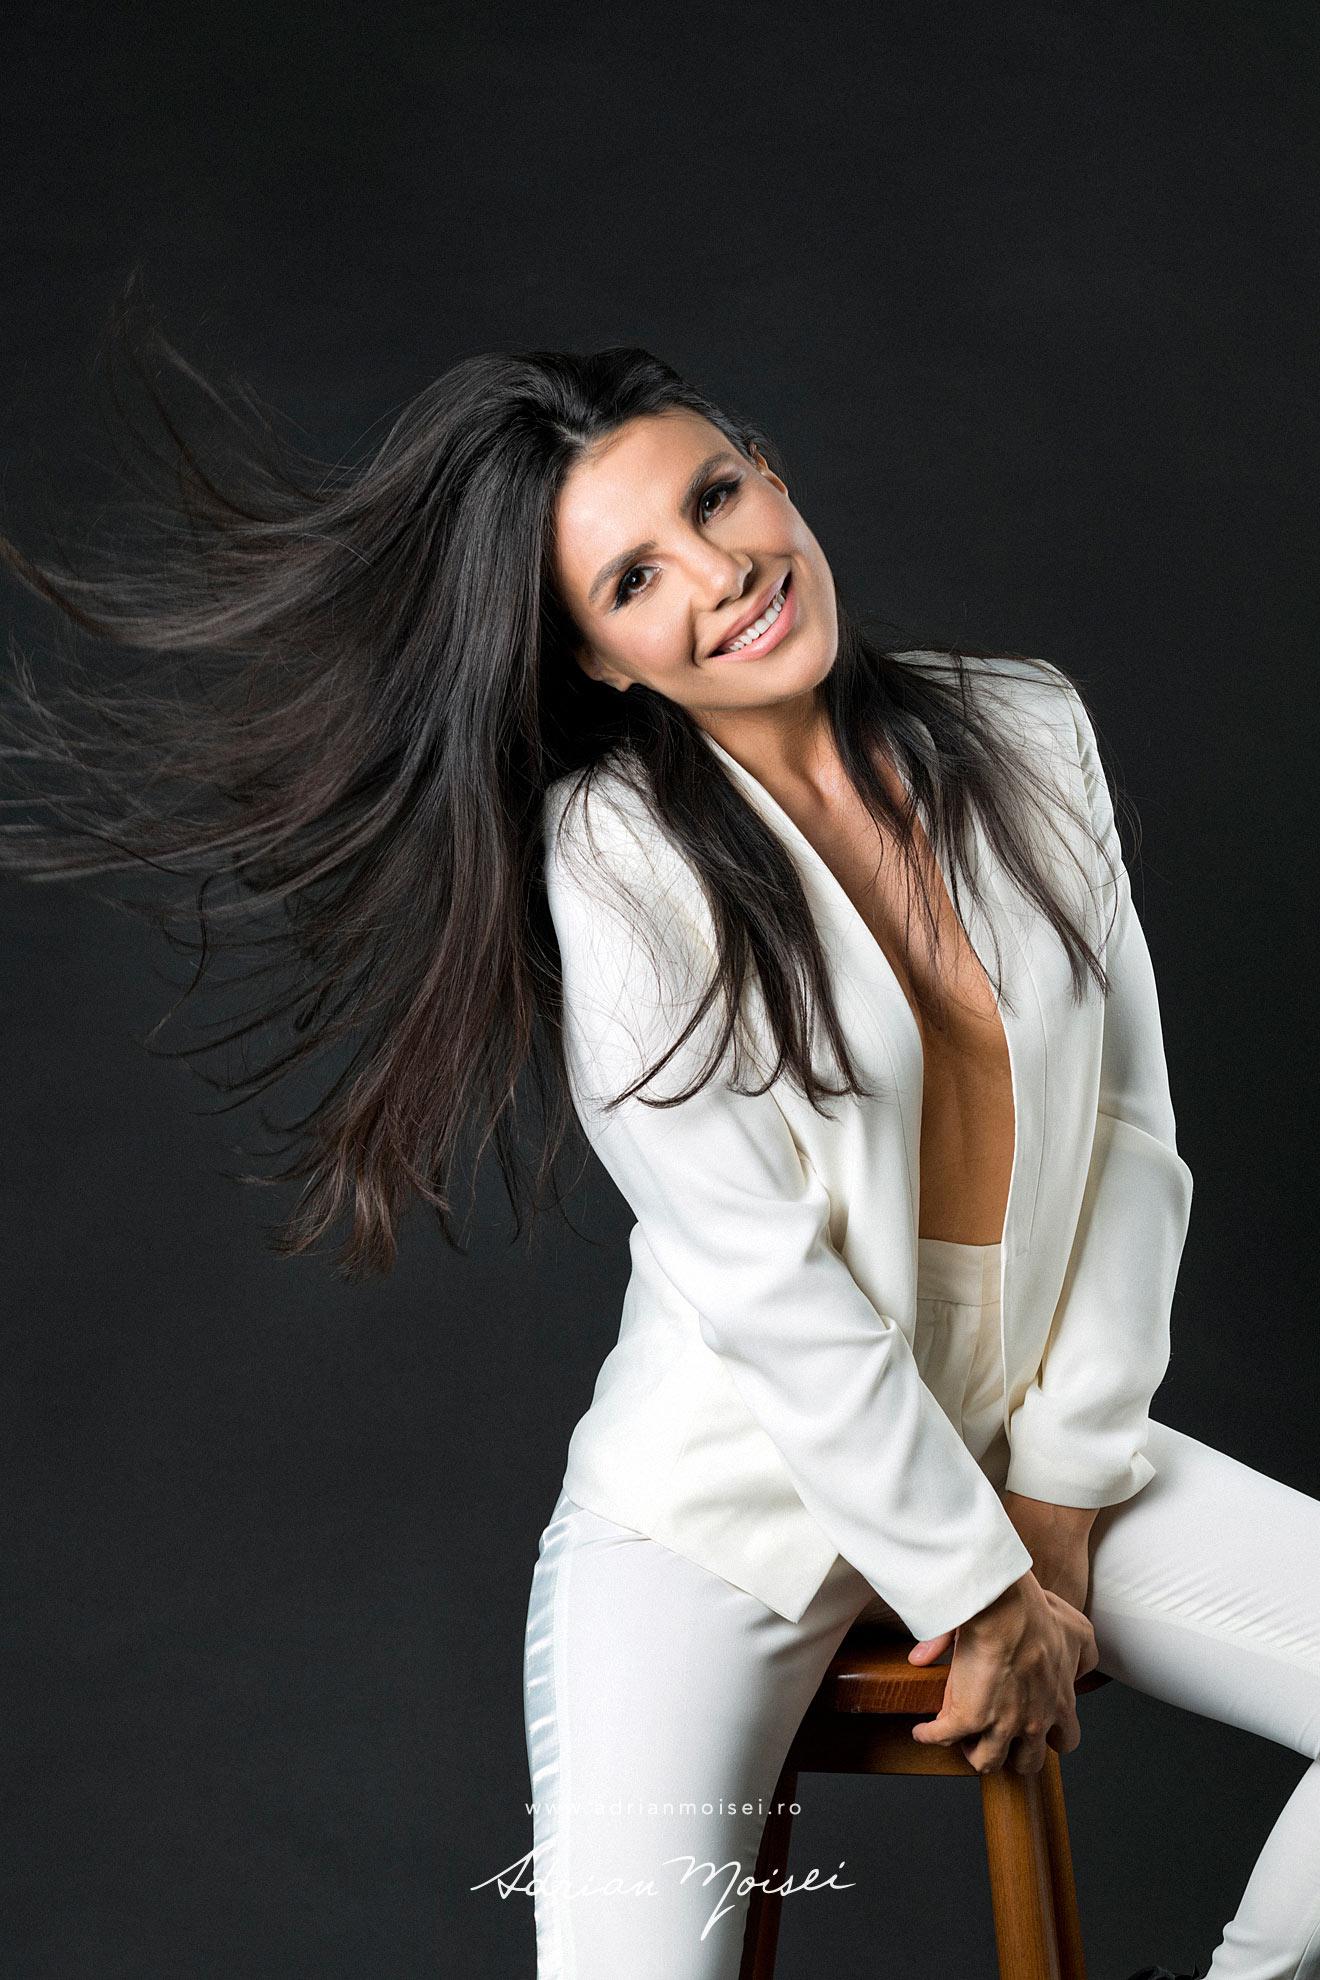 Fotograf fashion Iasi - fotografie cu modela frumoasa si senzuala in studio - studio foto Adrian Moisei